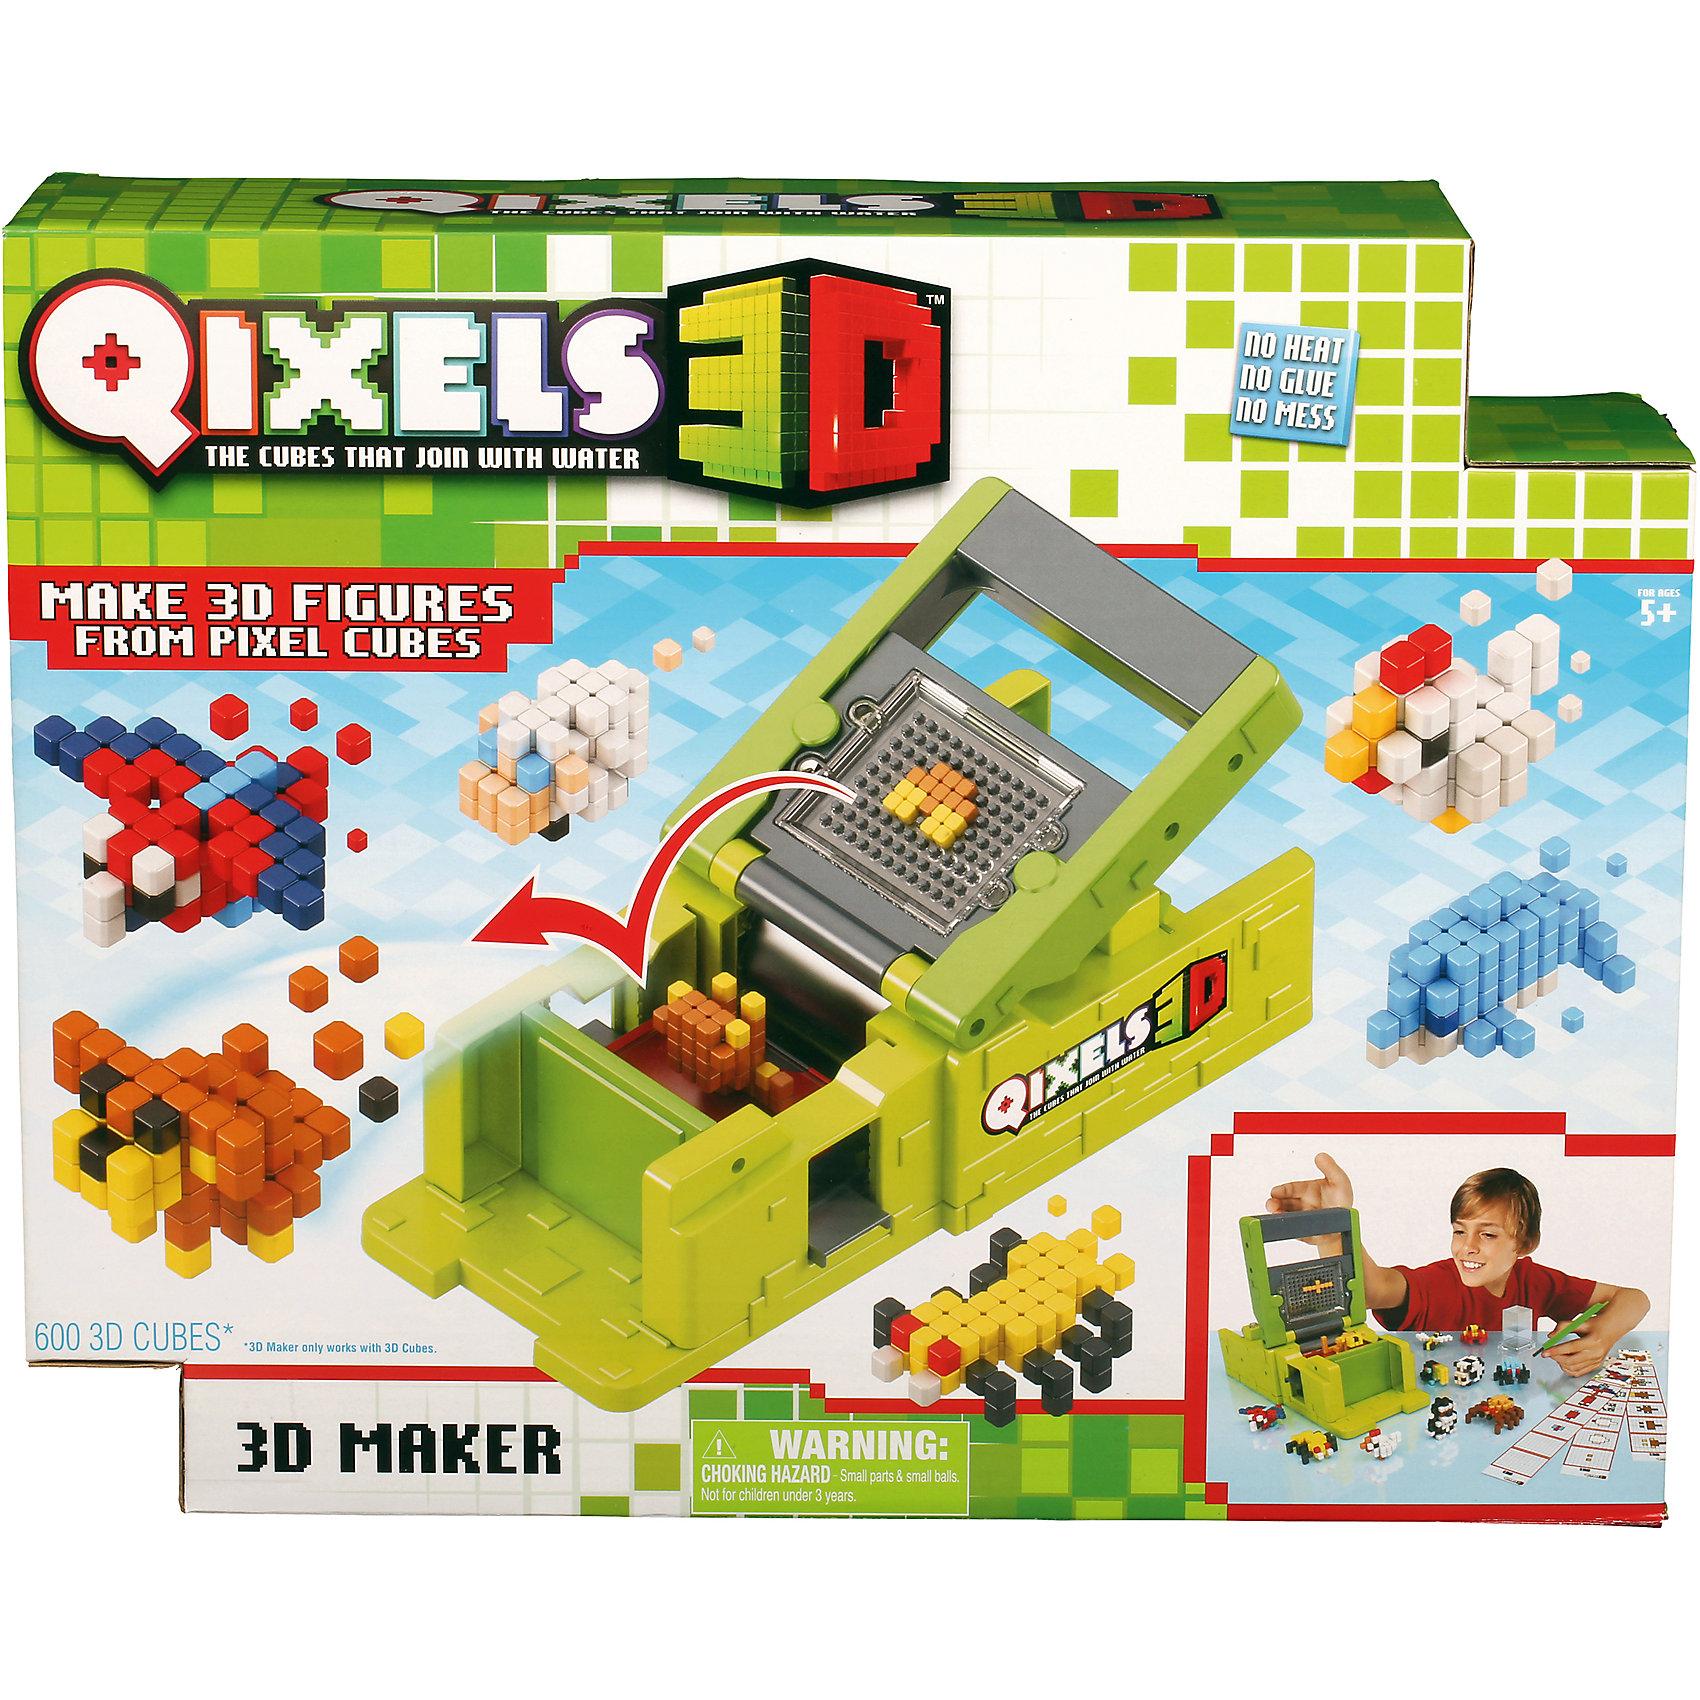 Набор для творчества  Qixels 3D ПринтерНабор для творчества Квикселс Машинка для создания 3D фигурок 3D Принтер – это совершенно новая уникальная возможность попробовать свои силы в создании объемных фигурок собственными руками. Квикселс – это маленькие разноцветные кубики, которые склеиваются друг с другом под воздействием самой обыкновенной воды. Создайте фигурку, обрызгайте её водой и дождитесь полного высыхания – всего через 30 минут Вы можете играть с готовой фигуркой как с обычной игрушкой. Игровой набор подойдет как для мальчиков, так и для девочек. Вы можете использовать готовые лекала, входящие в комплект набора или фантазировать на свободные темы!<br>В комплект набора входит:<br>600 x 3D кубиков;<br>83 x дополнительных кубика;<br>1 x 3D принтер;<br>1 x резервуар для воды;<br>1 x съемный лоток;<br>1 x кисточка;<br>6 x дизайн лекал;<br>2 x бирки и нити;<br>1 x инструкция.<br><br>Ширина мм: 80<br>Глубина мм: 290<br>Высота мм: 330<br>Вес г: 800<br>Возраст от месяцев: 72<br>Возраст до месяцев: 180<br>Пол: Унисекс<br>Возраст: Детский<br>SKU: 5032652